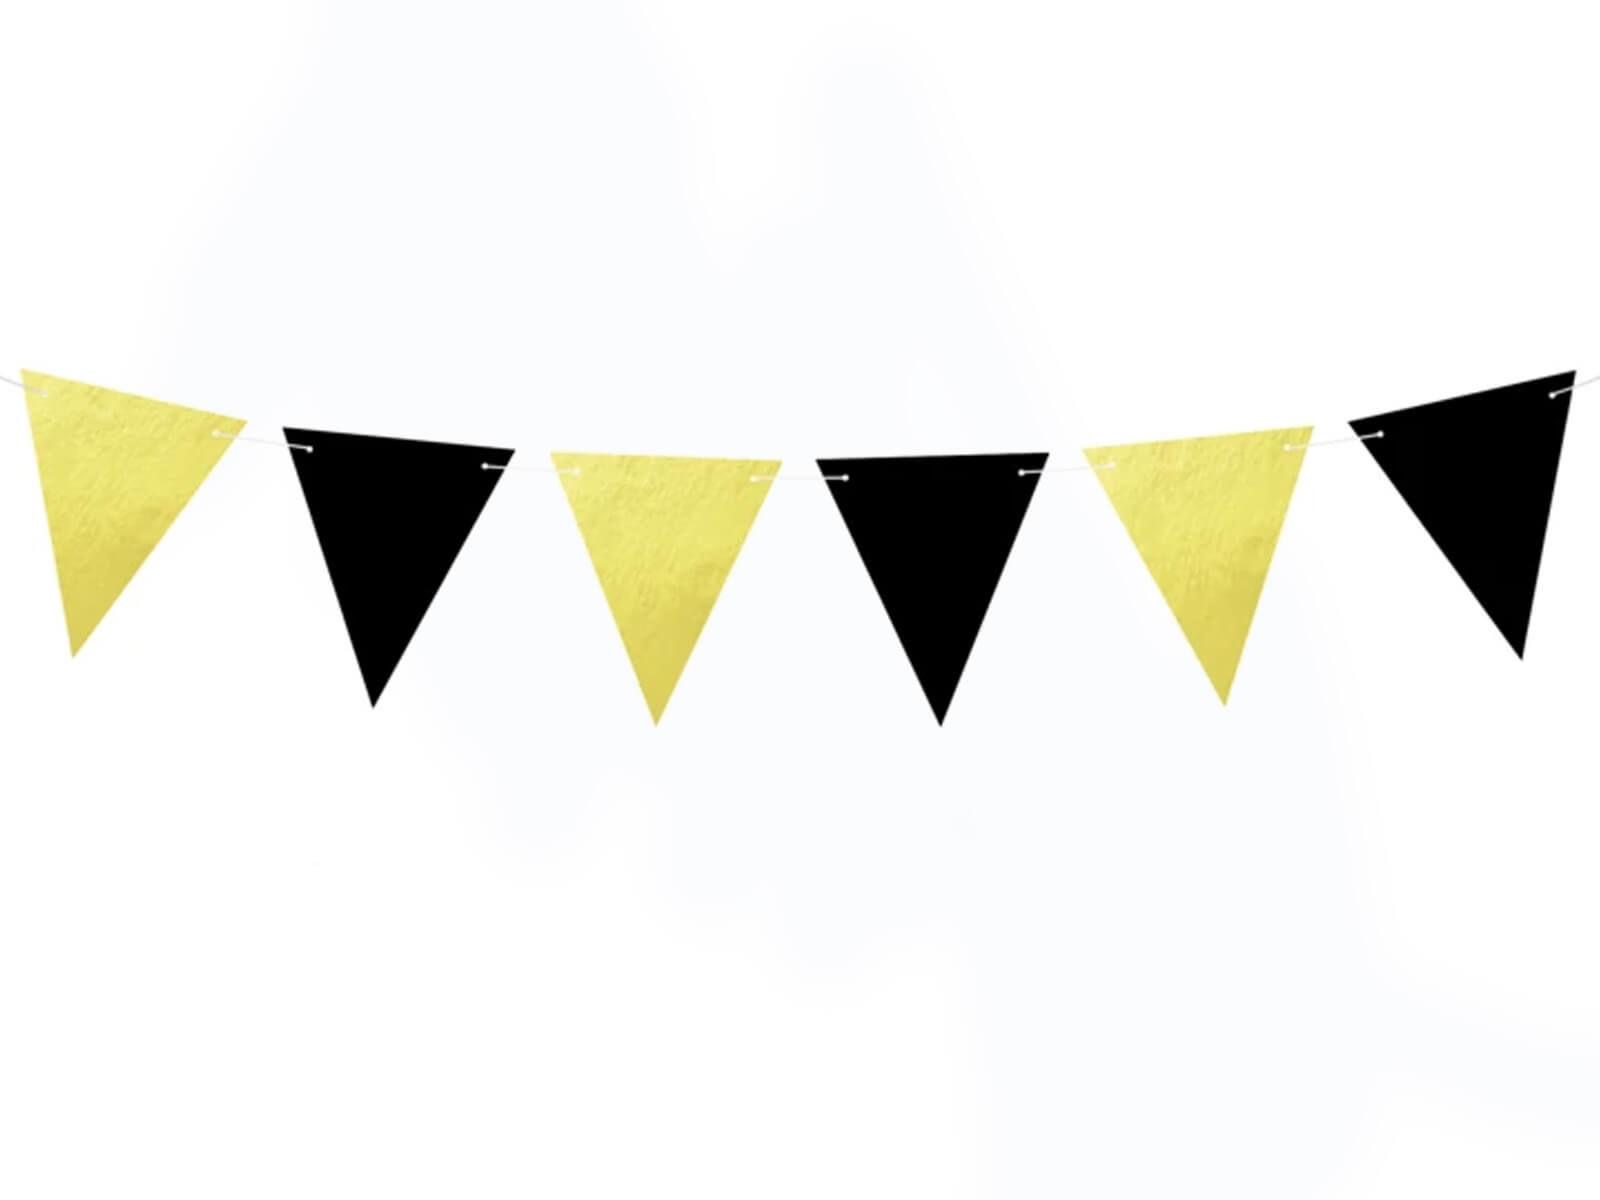 Baner flagi złoto-czarny - 180 cm - 1 szt.